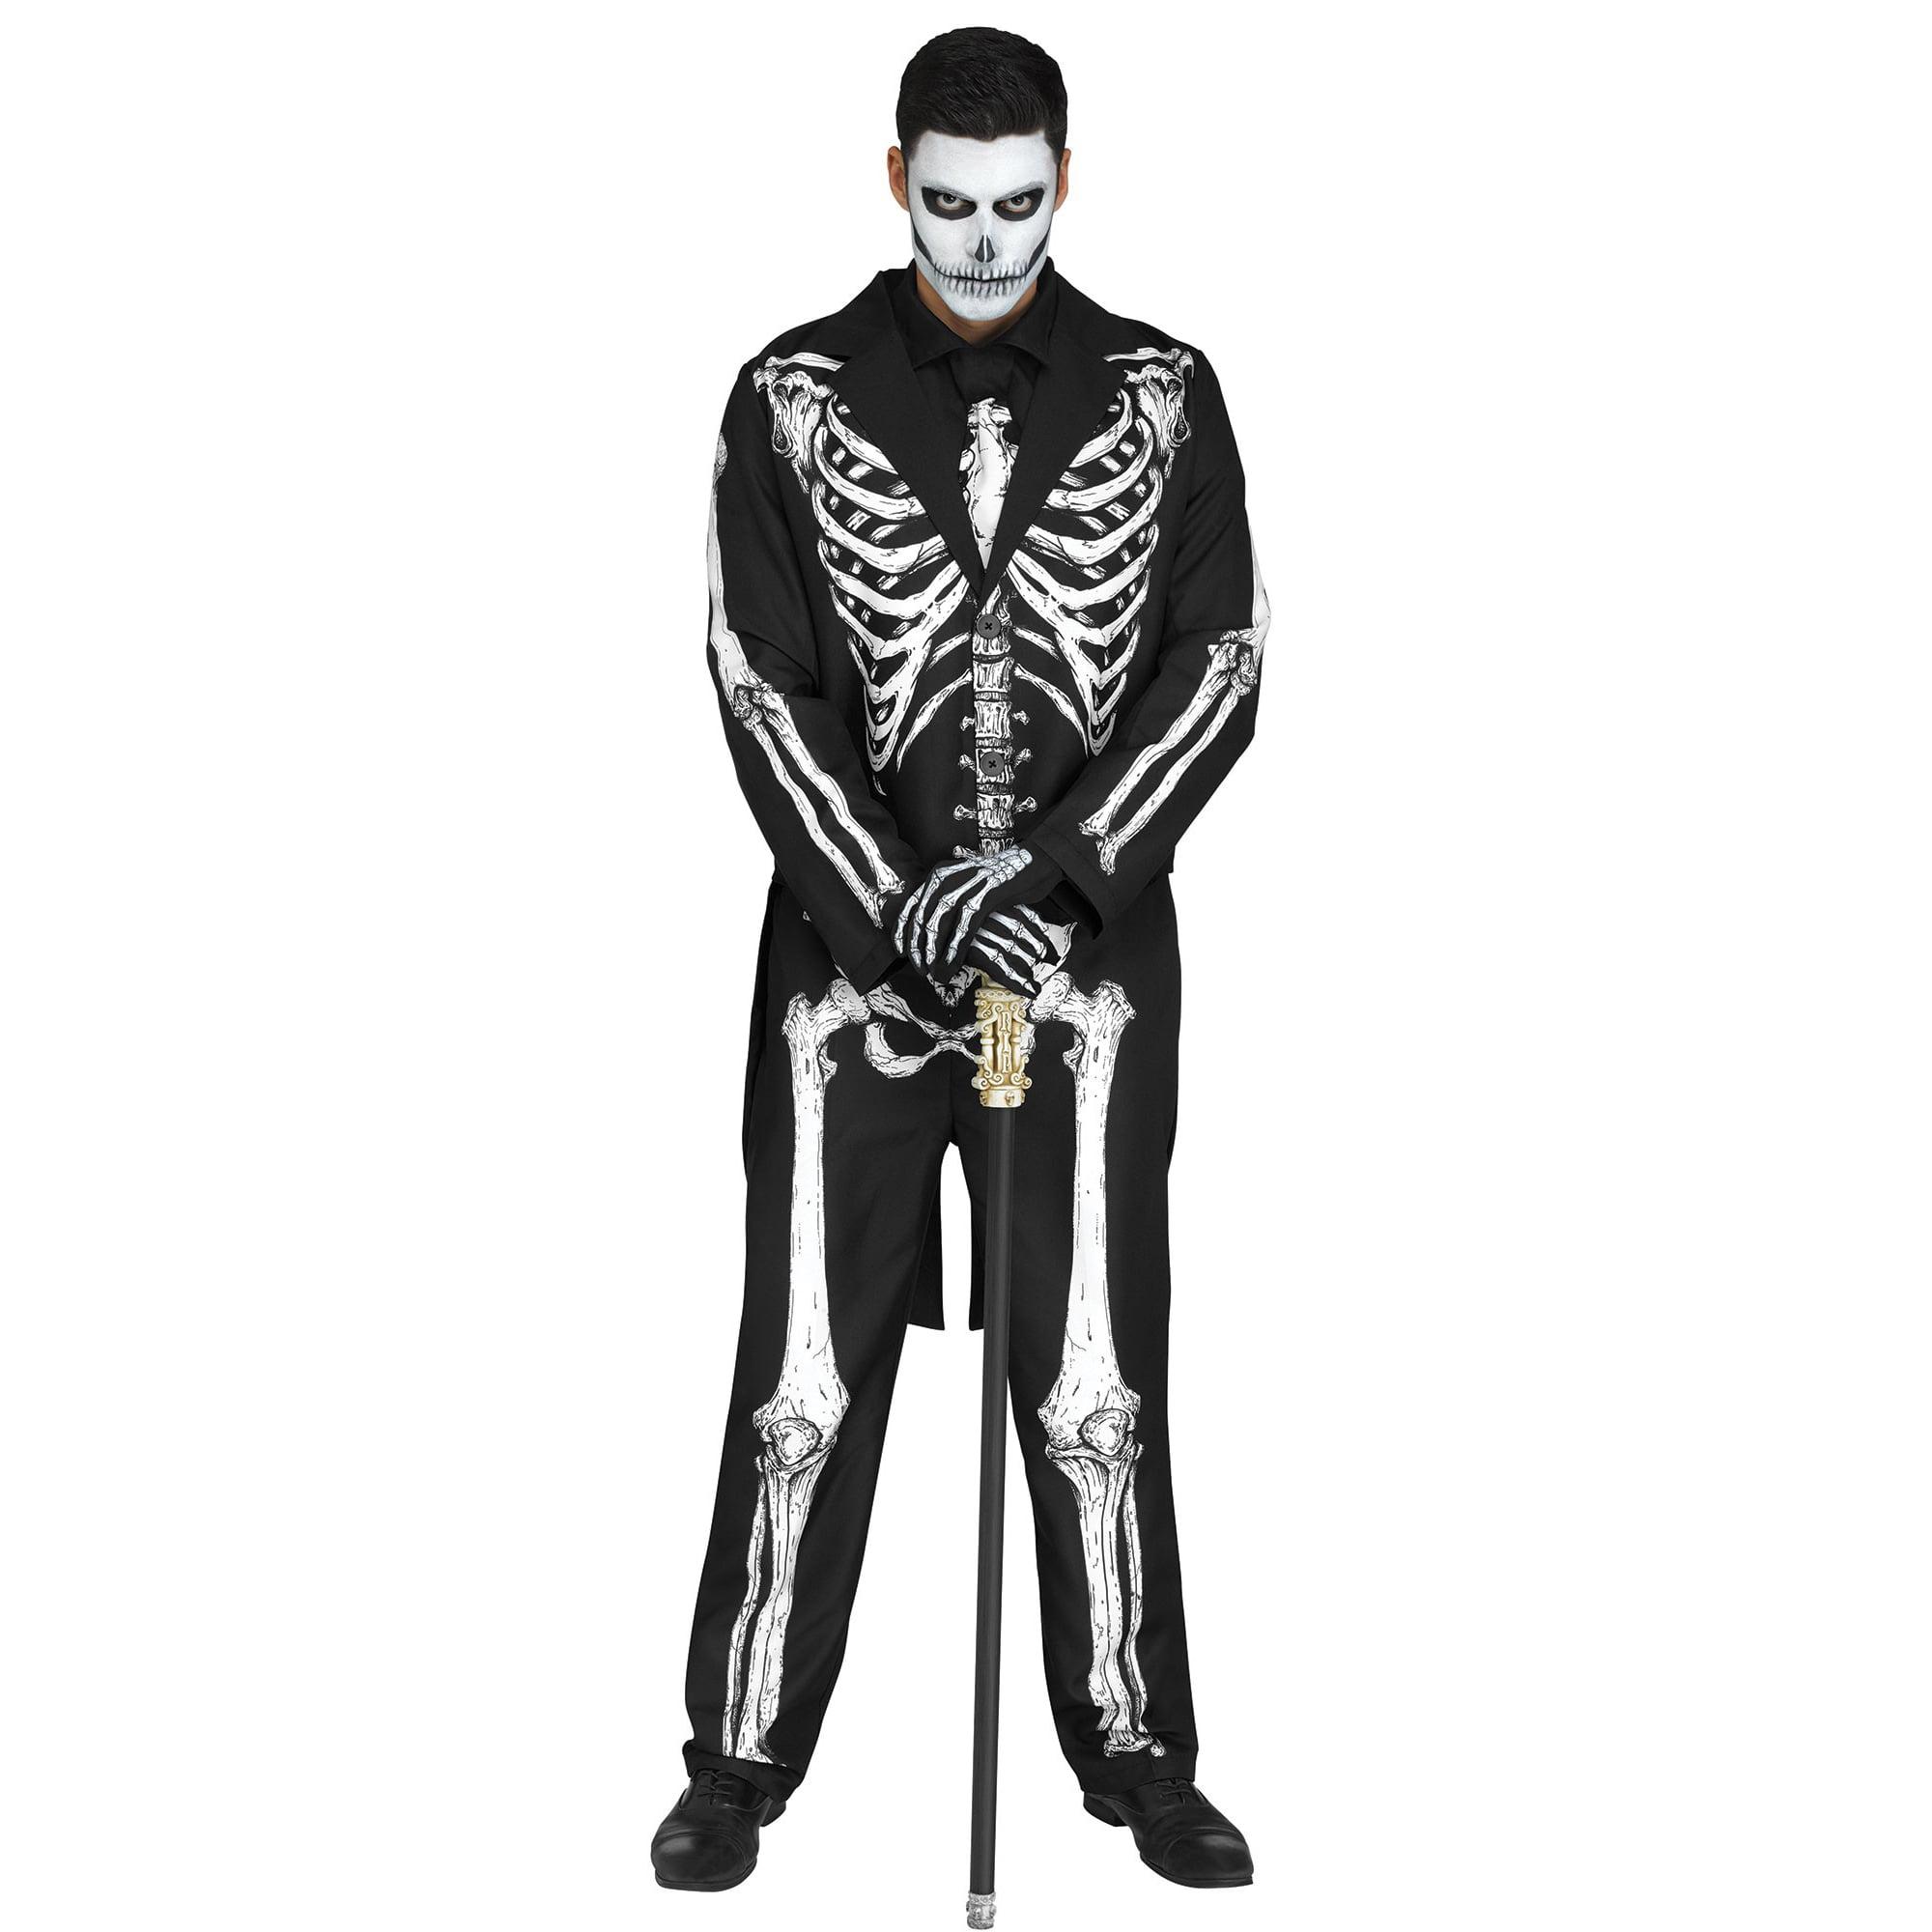 Black /& Bones Hoodie Skeleton Bones Top Halloween Mens Fancy Dress Costume